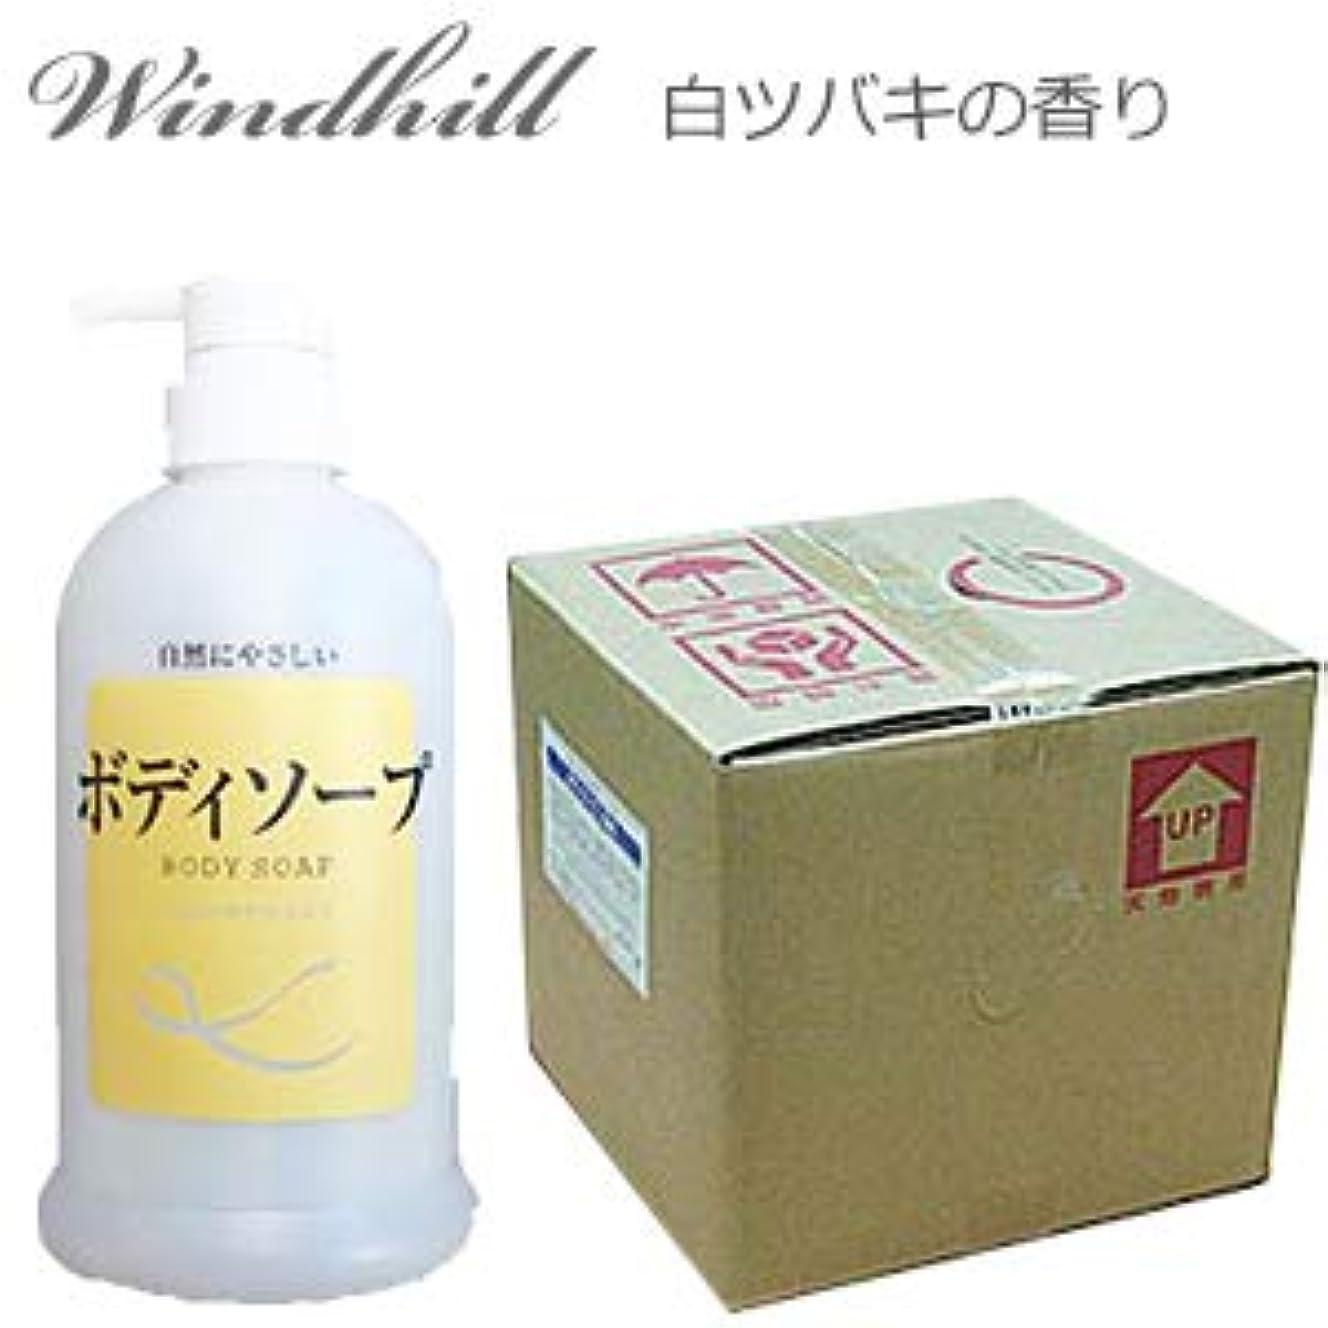 気分花カップルなんと! 500ml当り175円 Windhill 植物性 業務用 ボディソープ  白ツバキの香り 20L